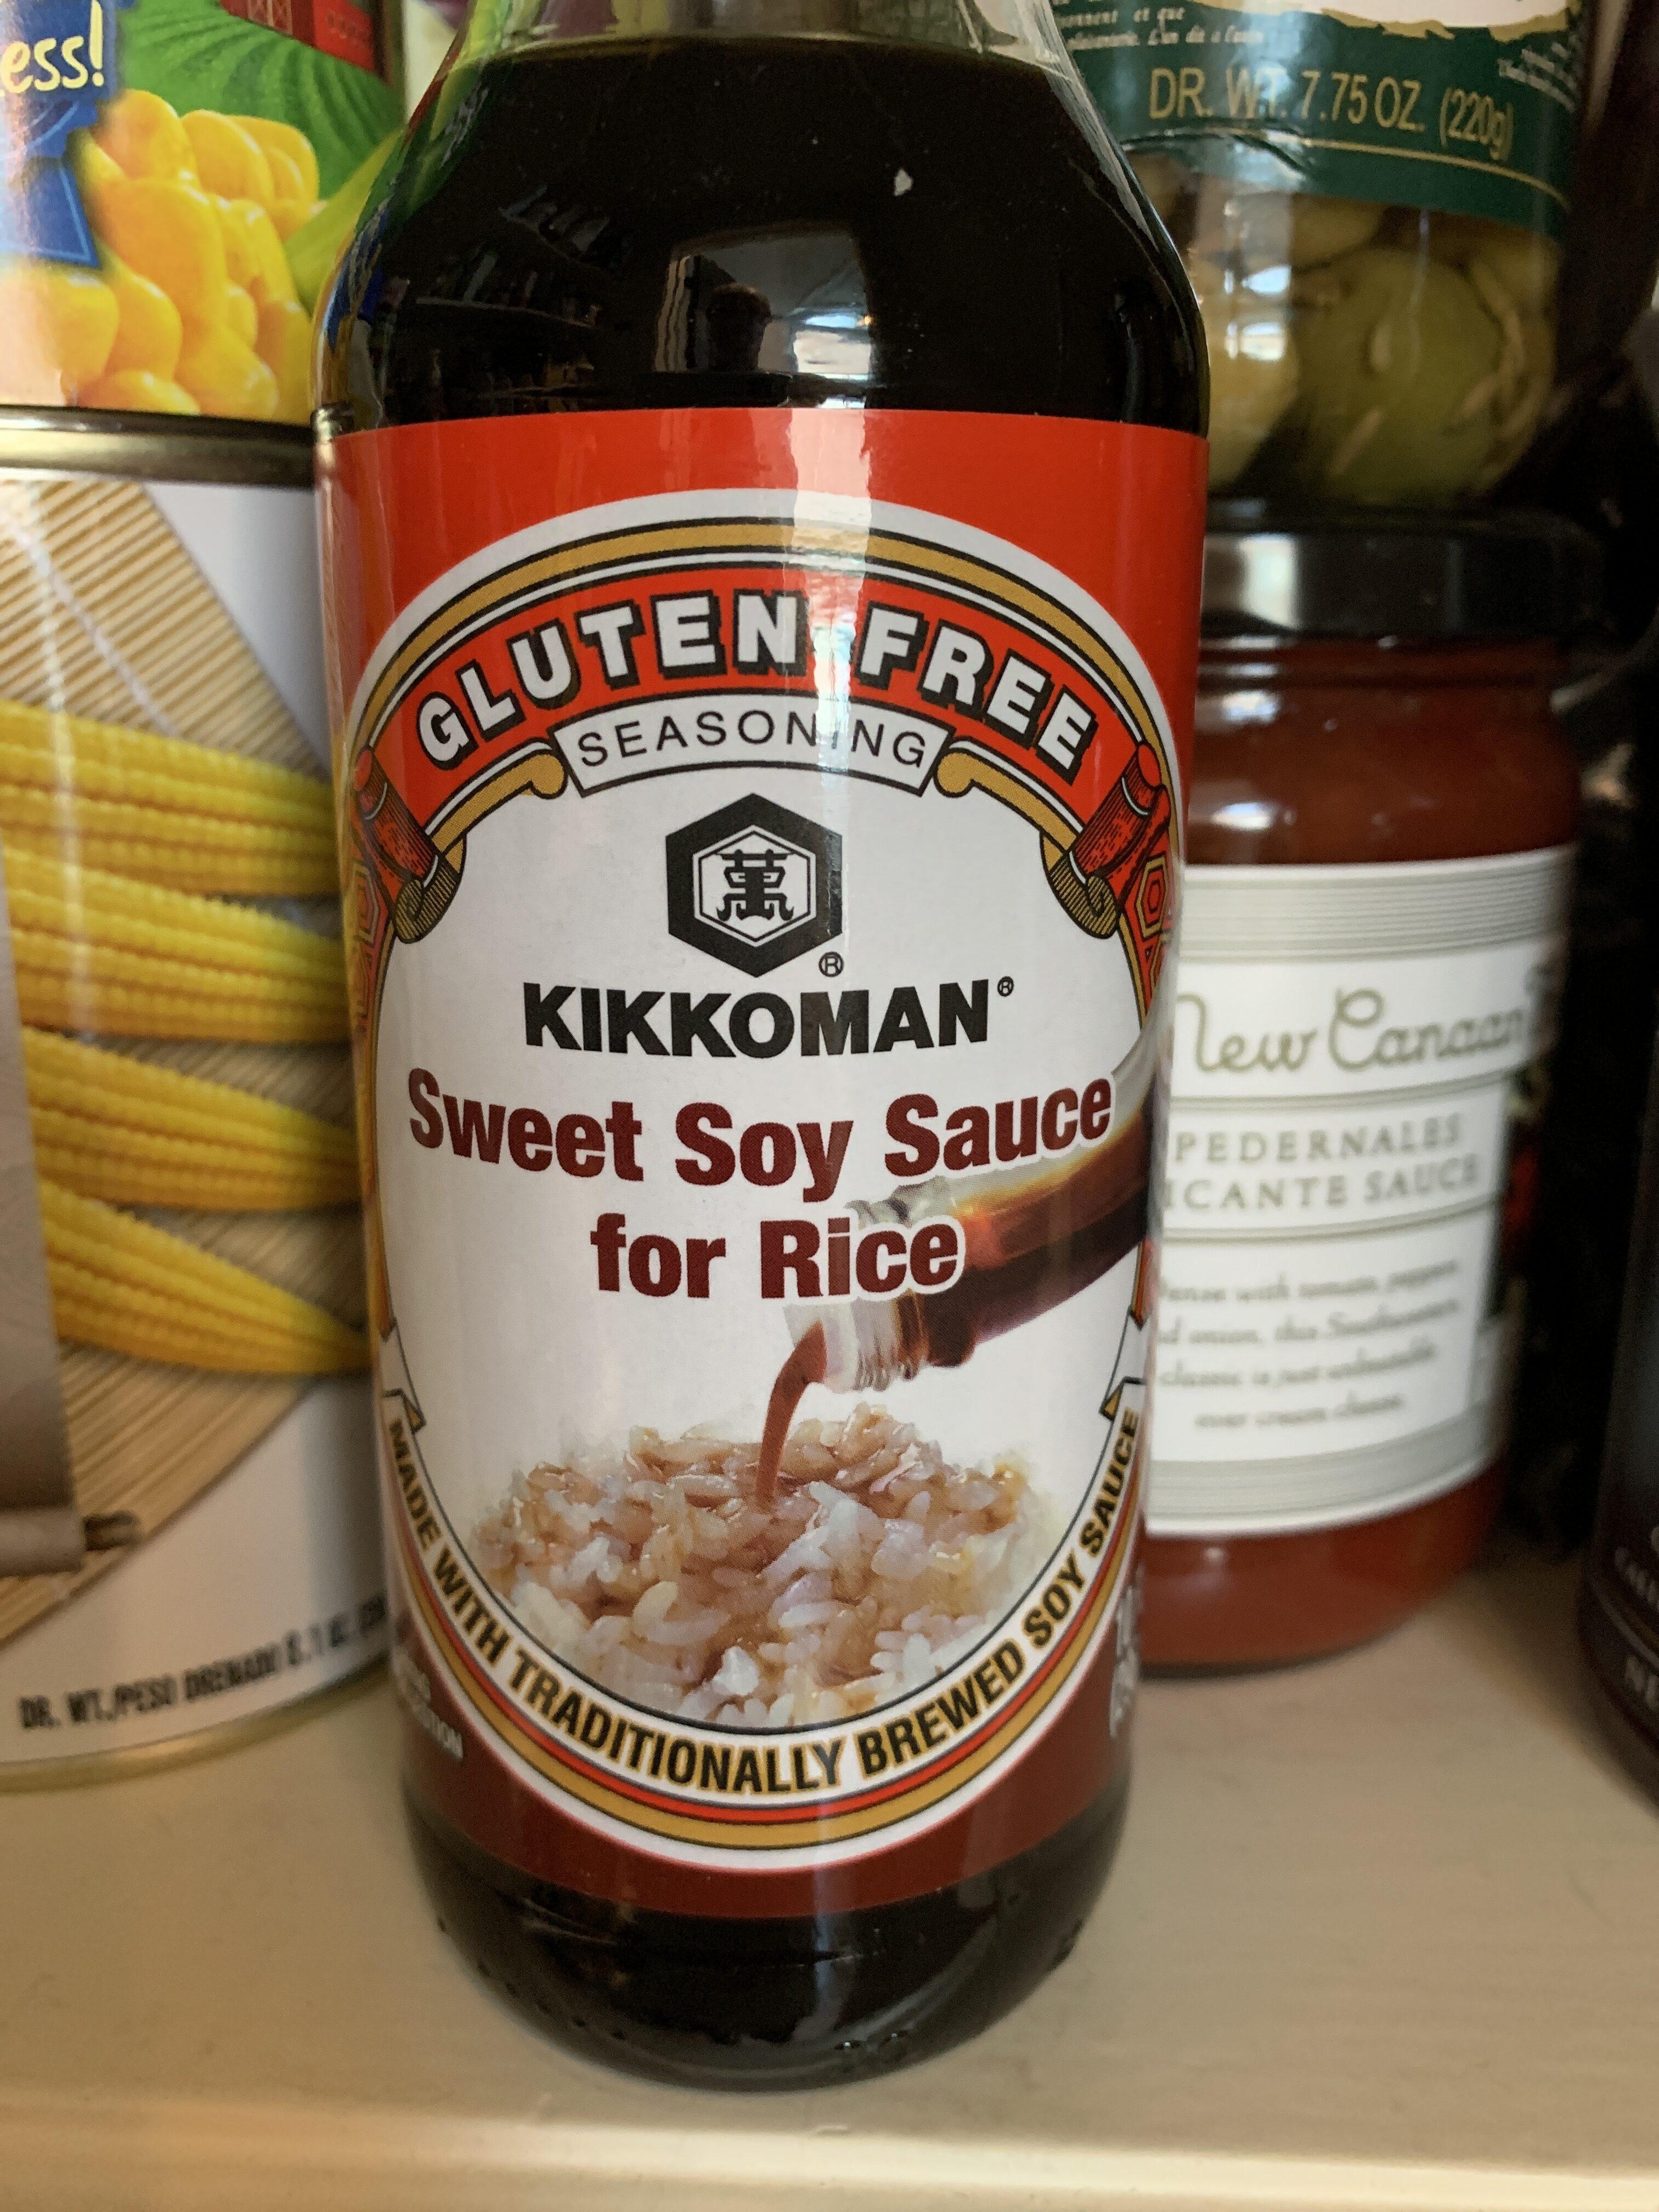 Sweet soy sauce for rice seasoning, sweet soy - Produit - en